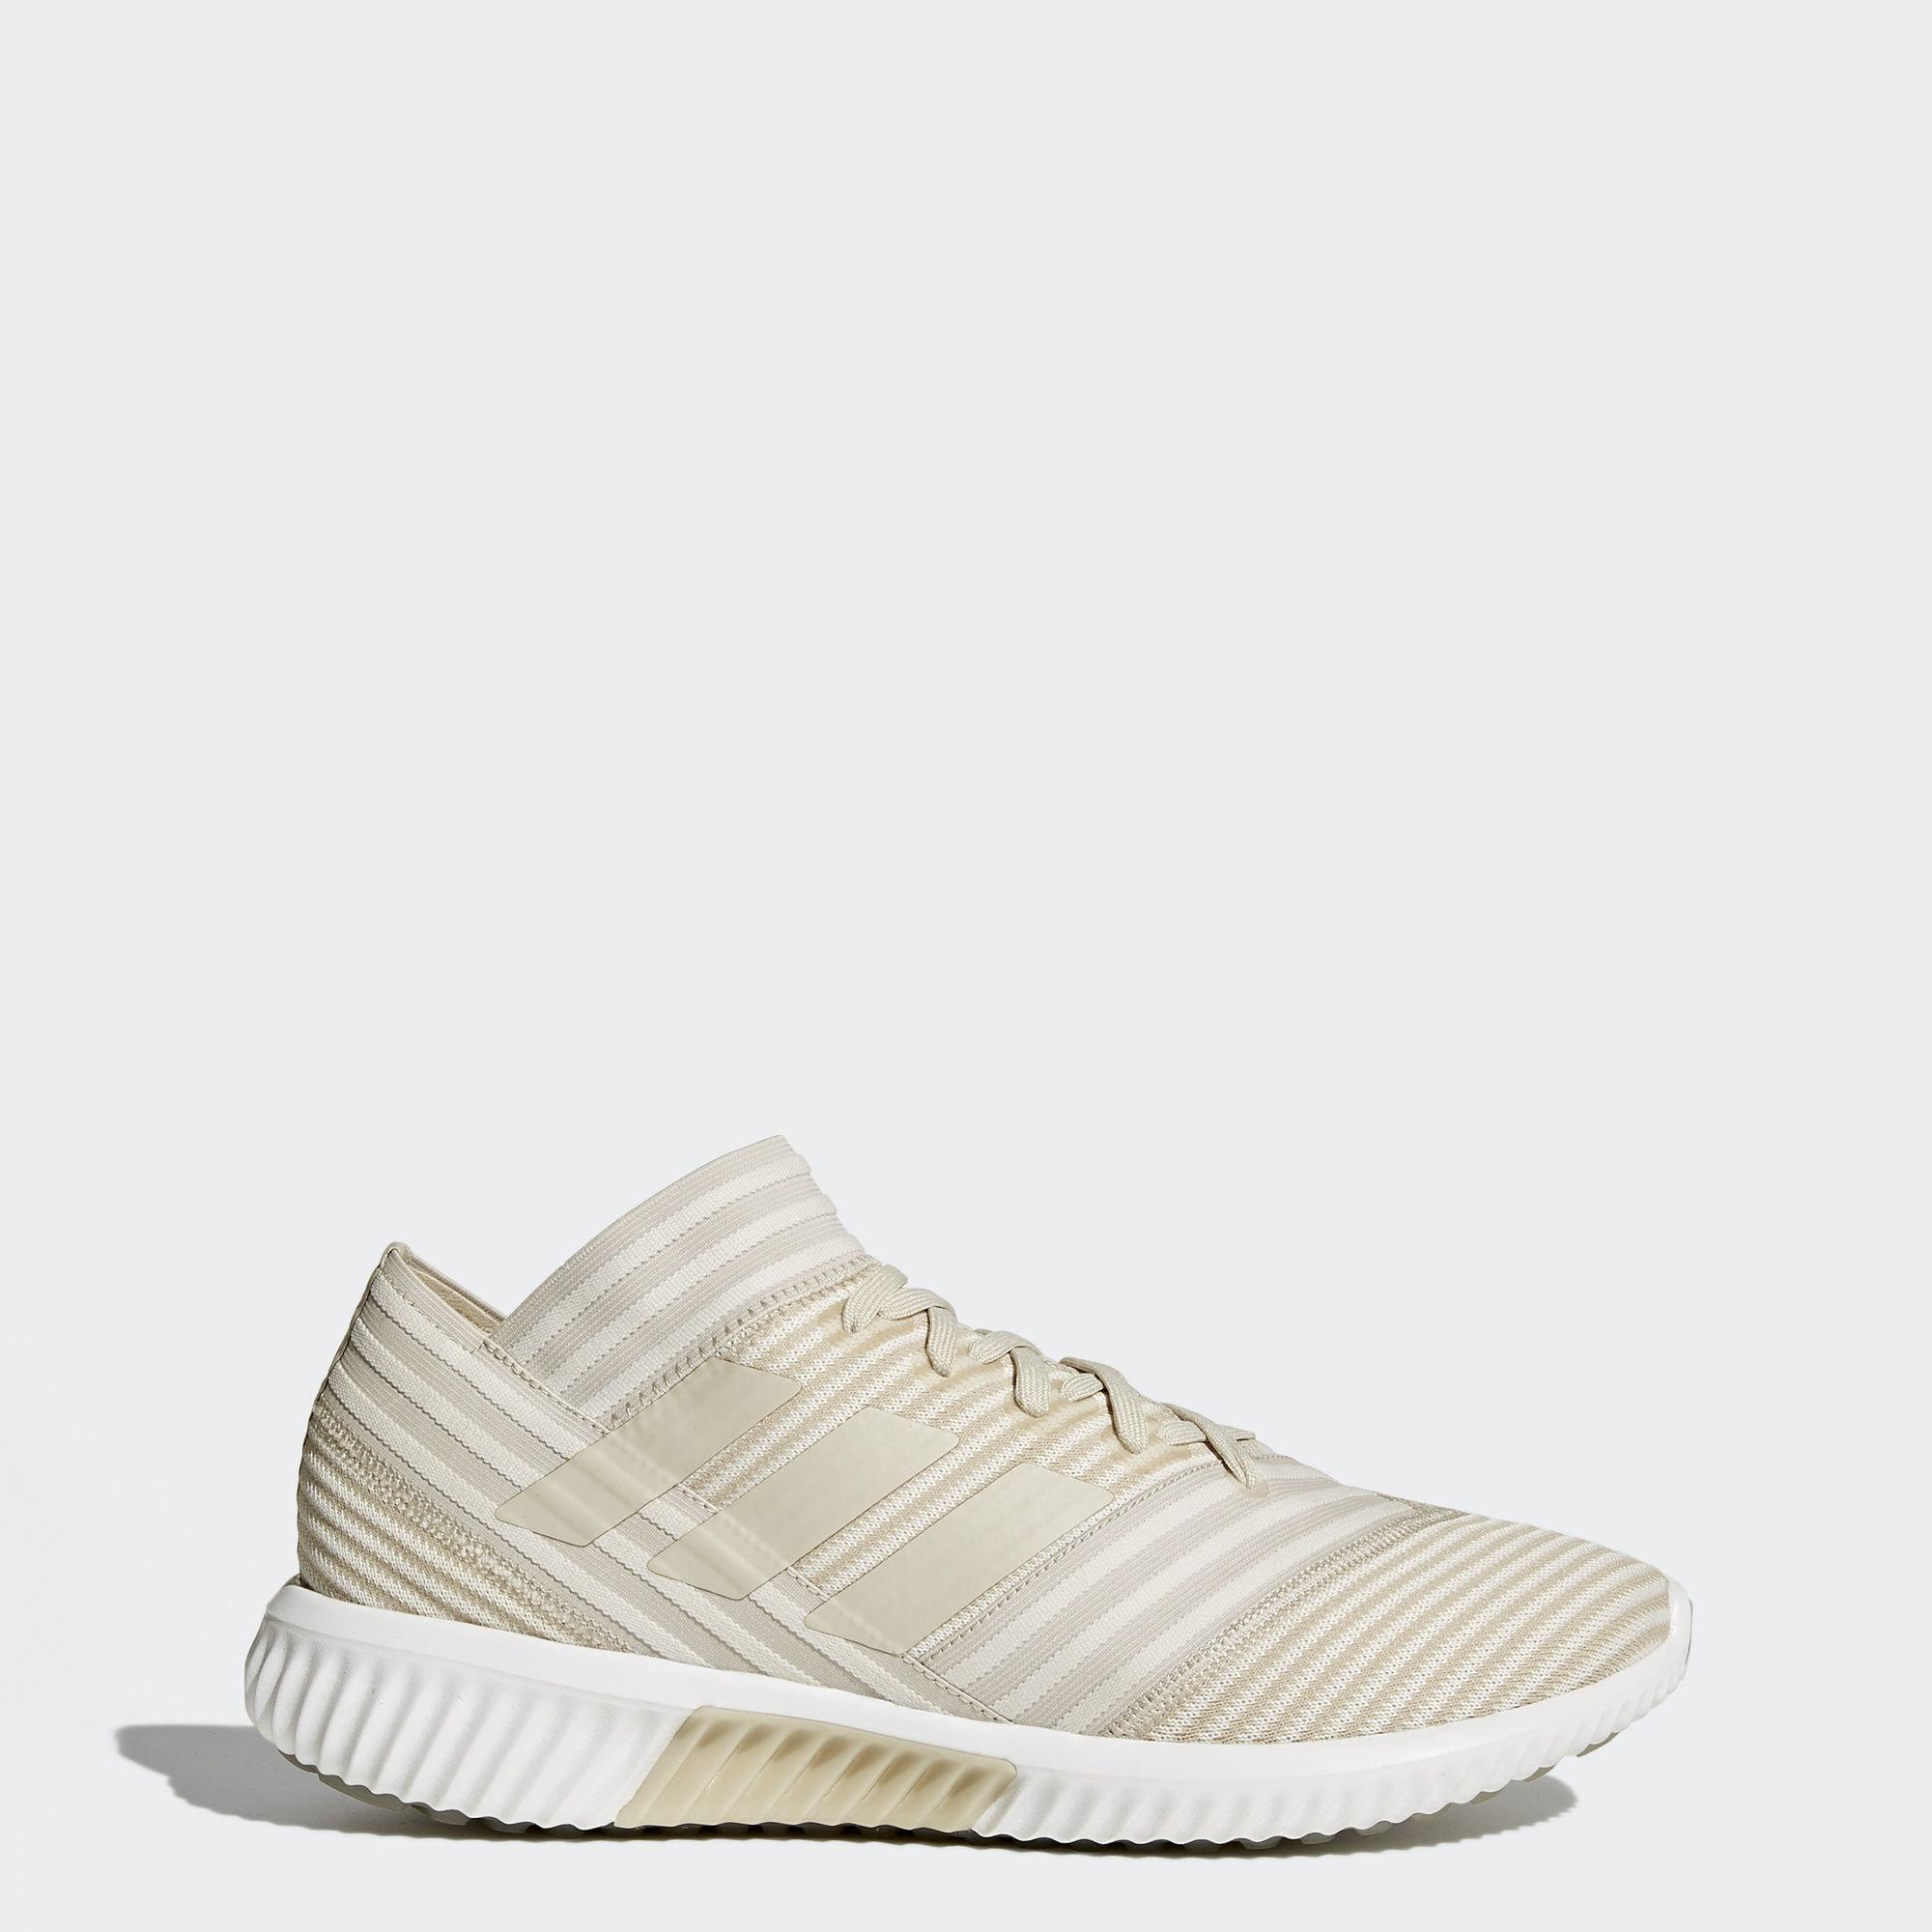 Футбольная обувь Nemeziz Tango 17.1 TR adidas Performance Clear Brown/Clear Brown/Chalk White